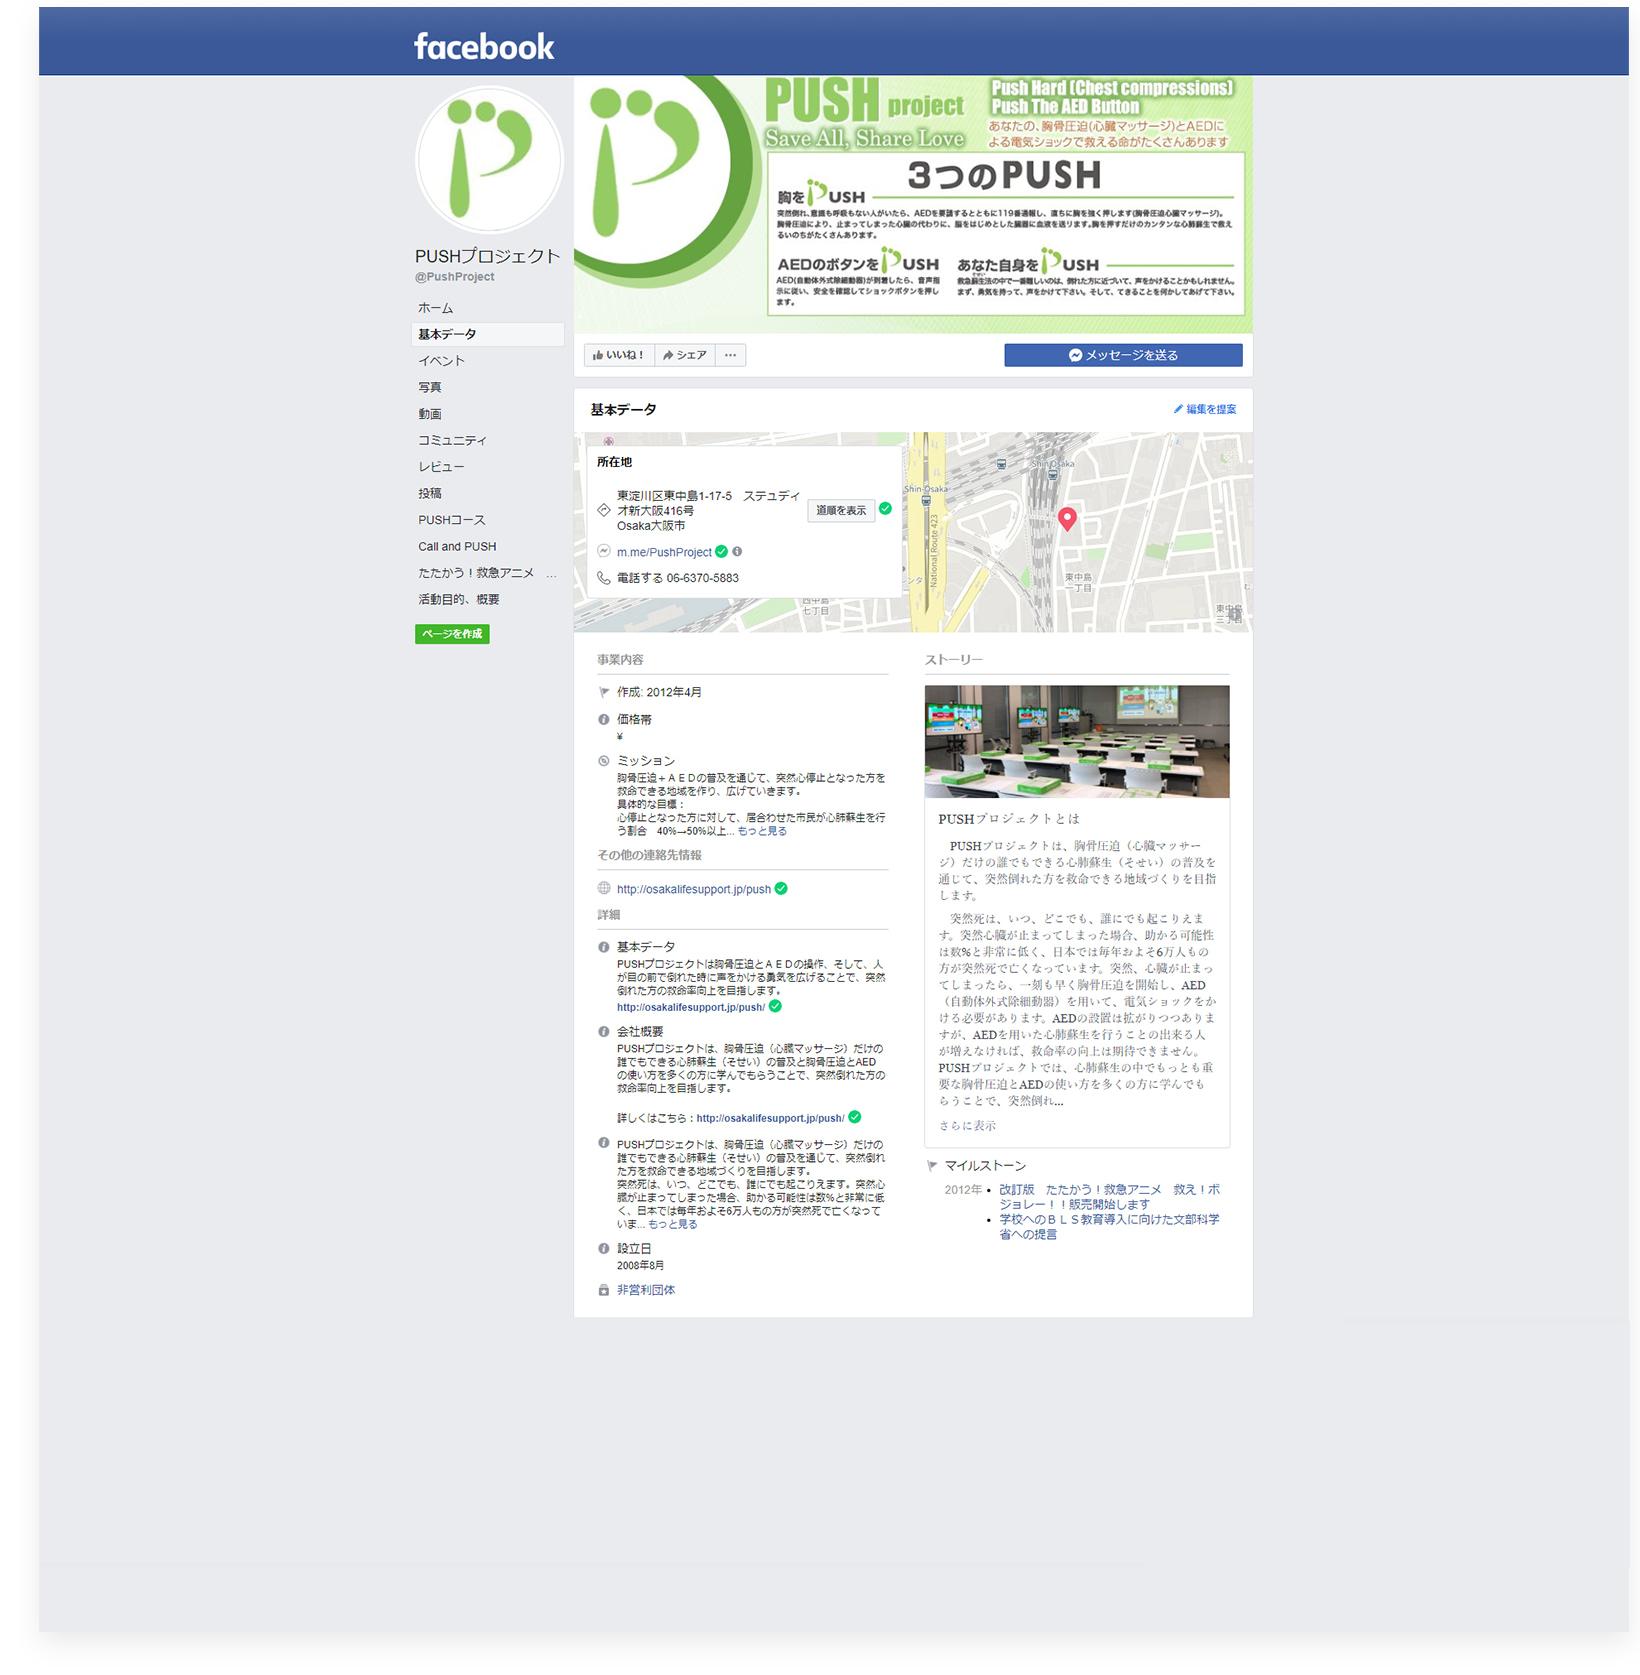 大阪ライフサポート協会様(fb)